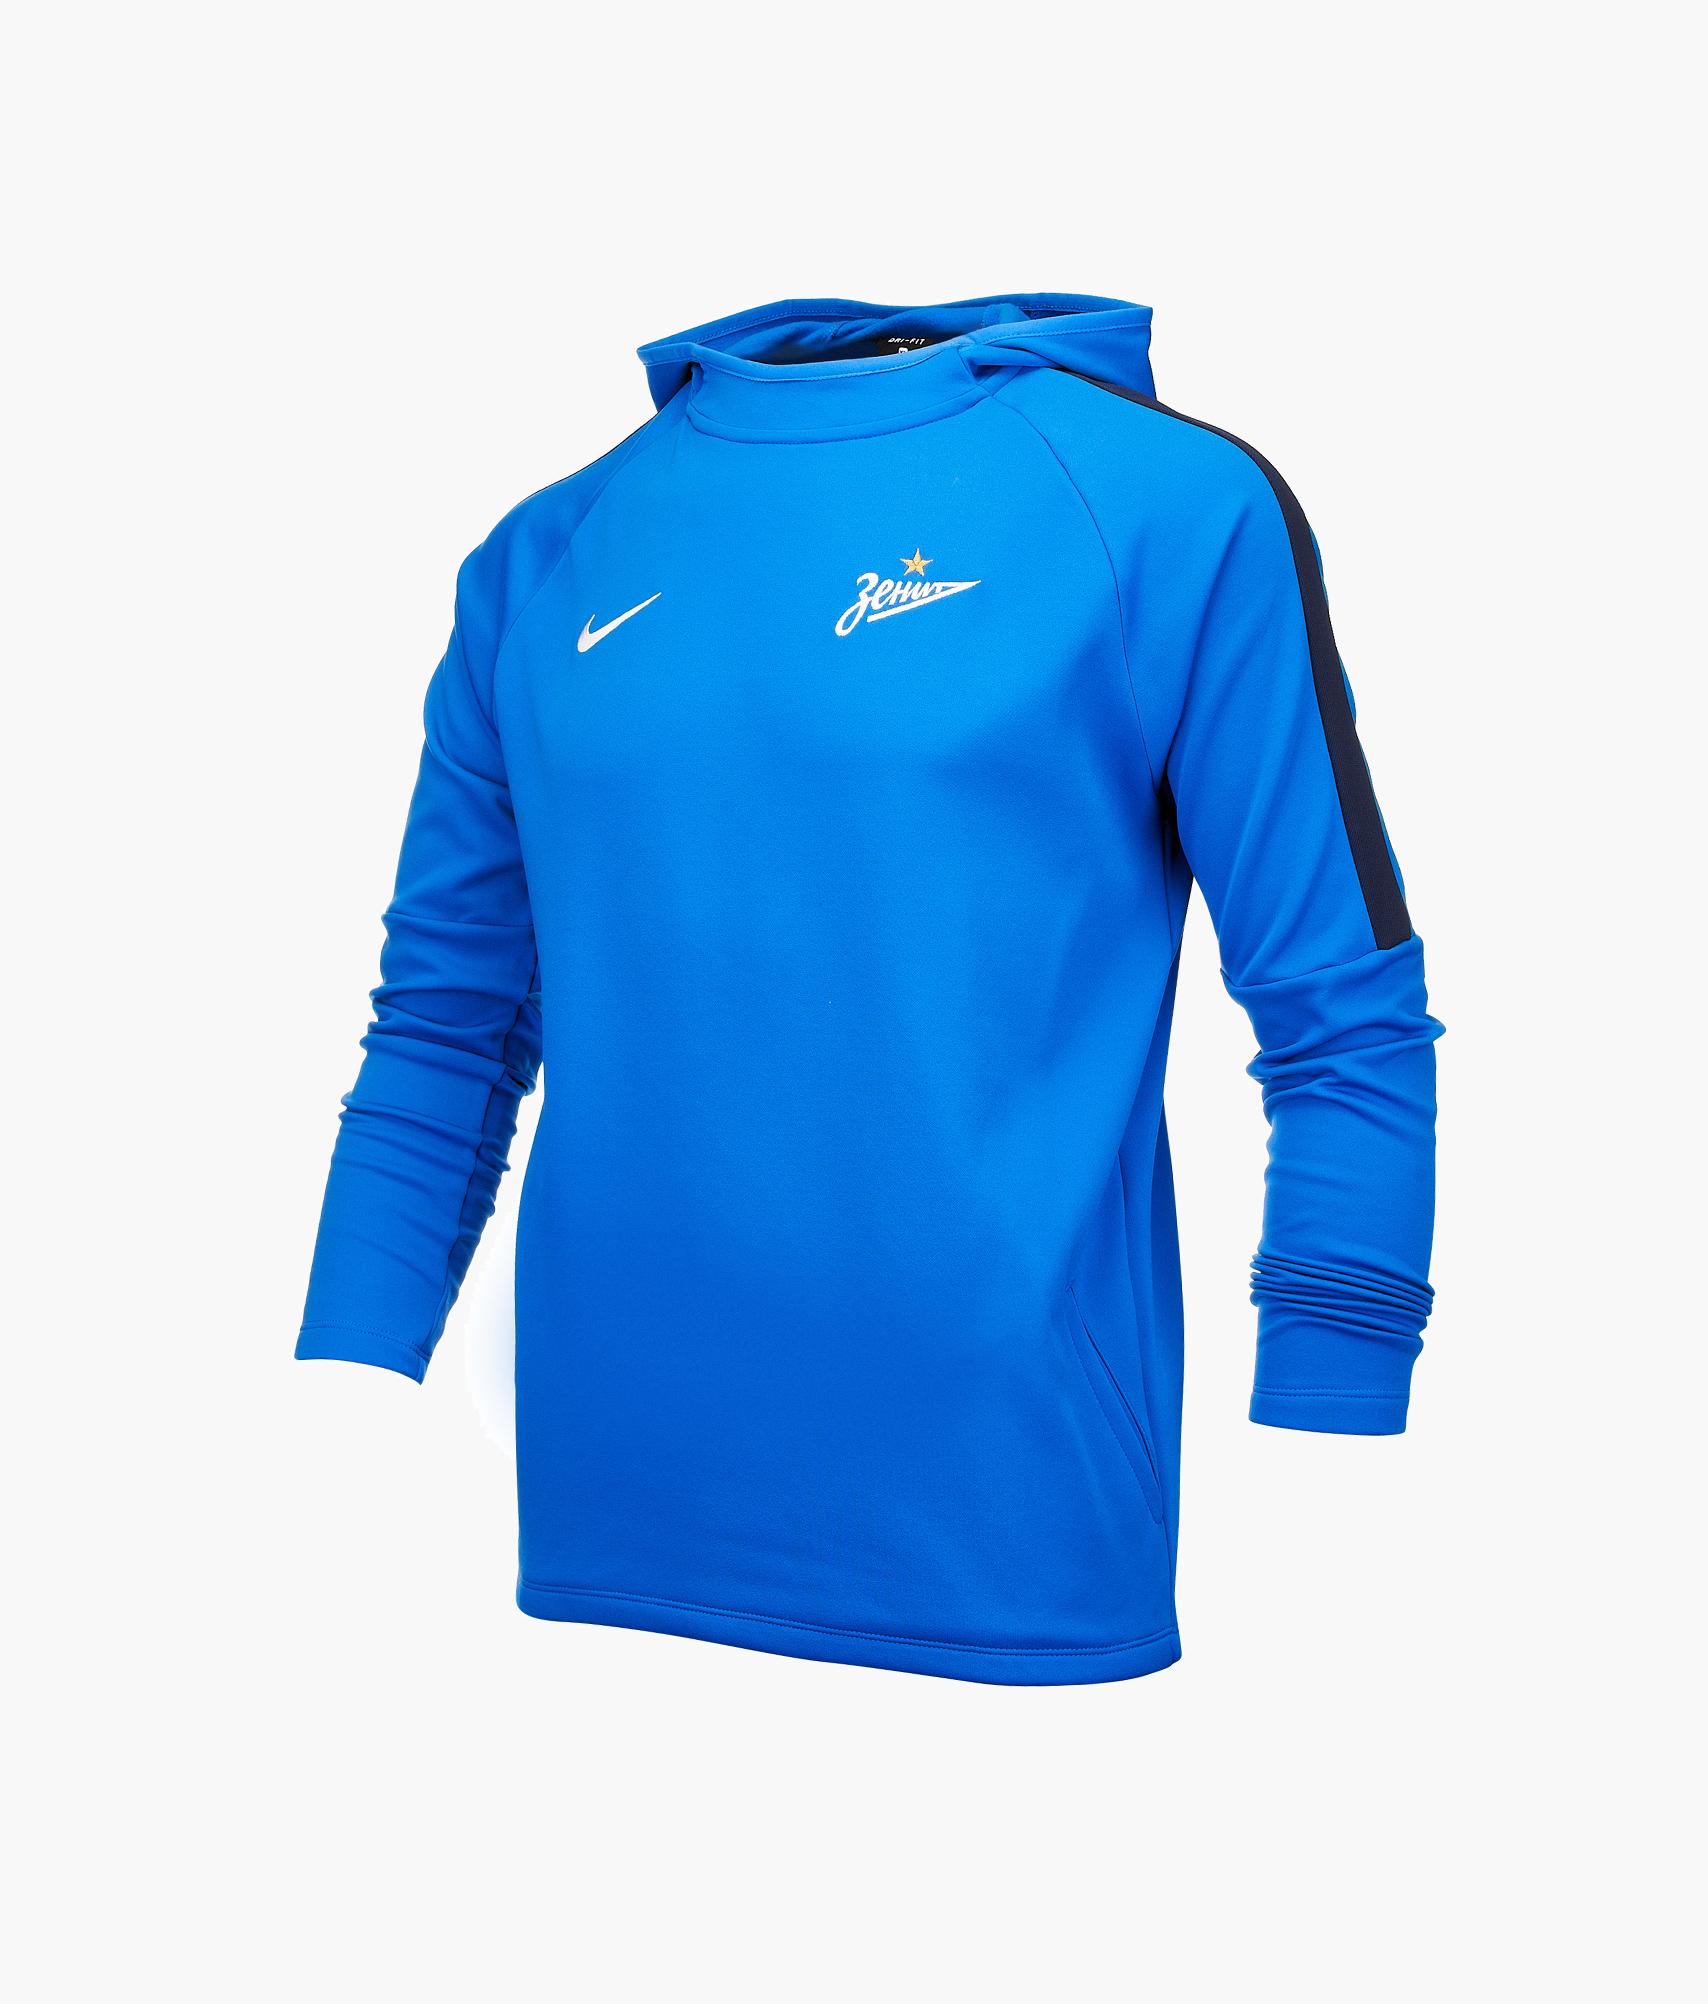 Толстовка подростковая Nike Nike Цвет-Синий